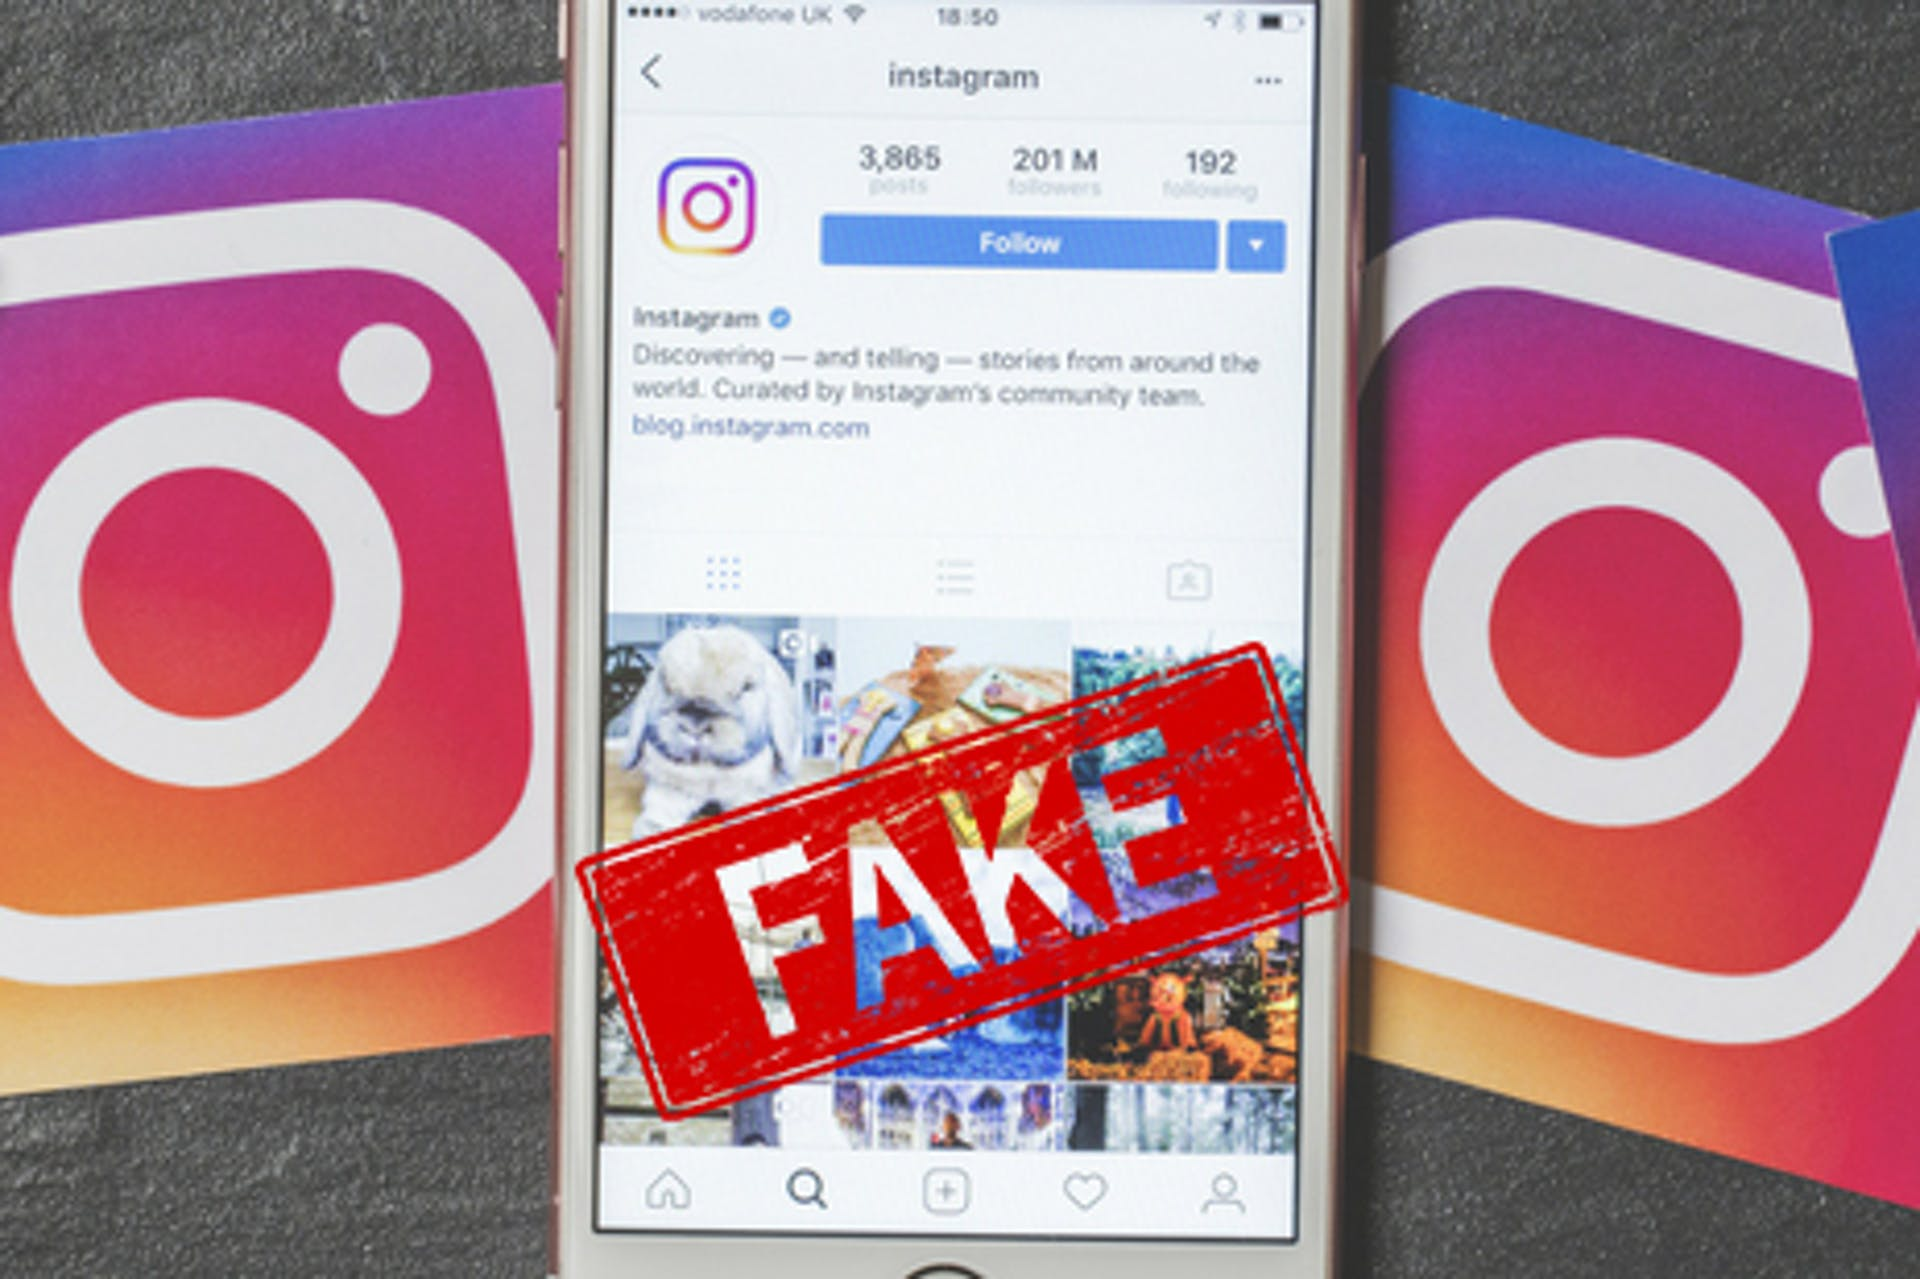 Fake Stempel auf Instagram Screen auf iPhone